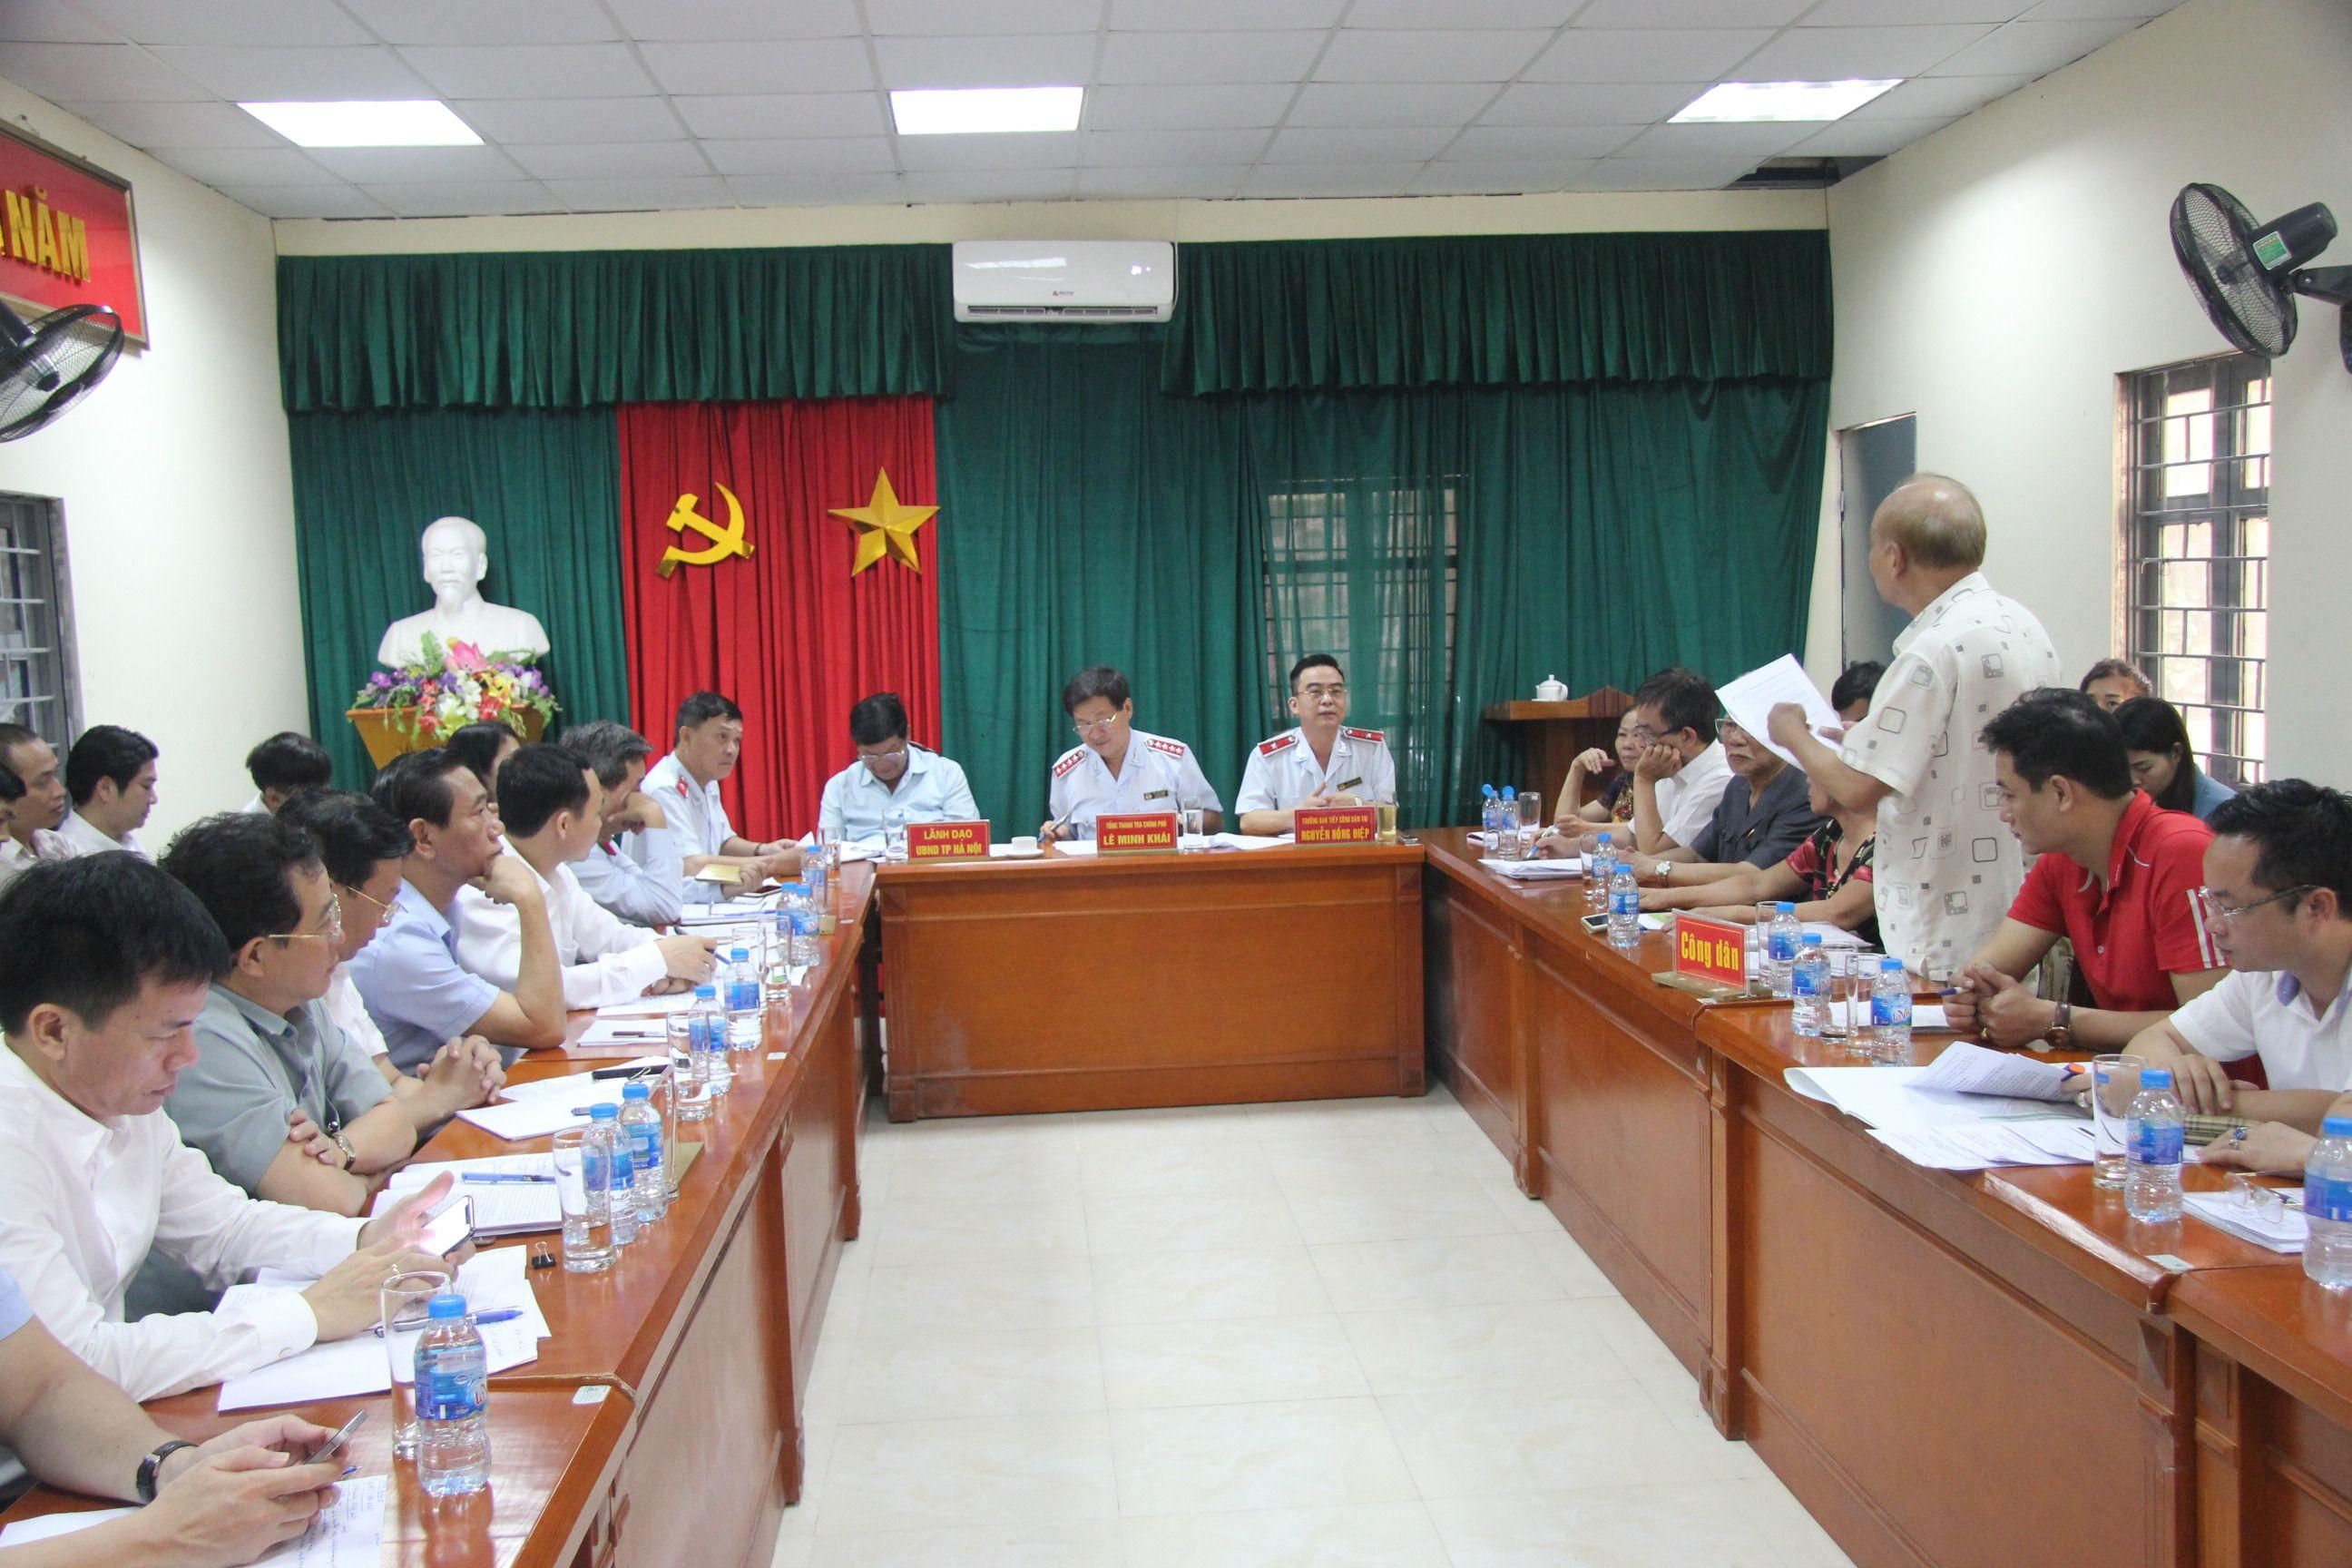 Đề nghị Hà Nội công khai hồ sơ pháp lý